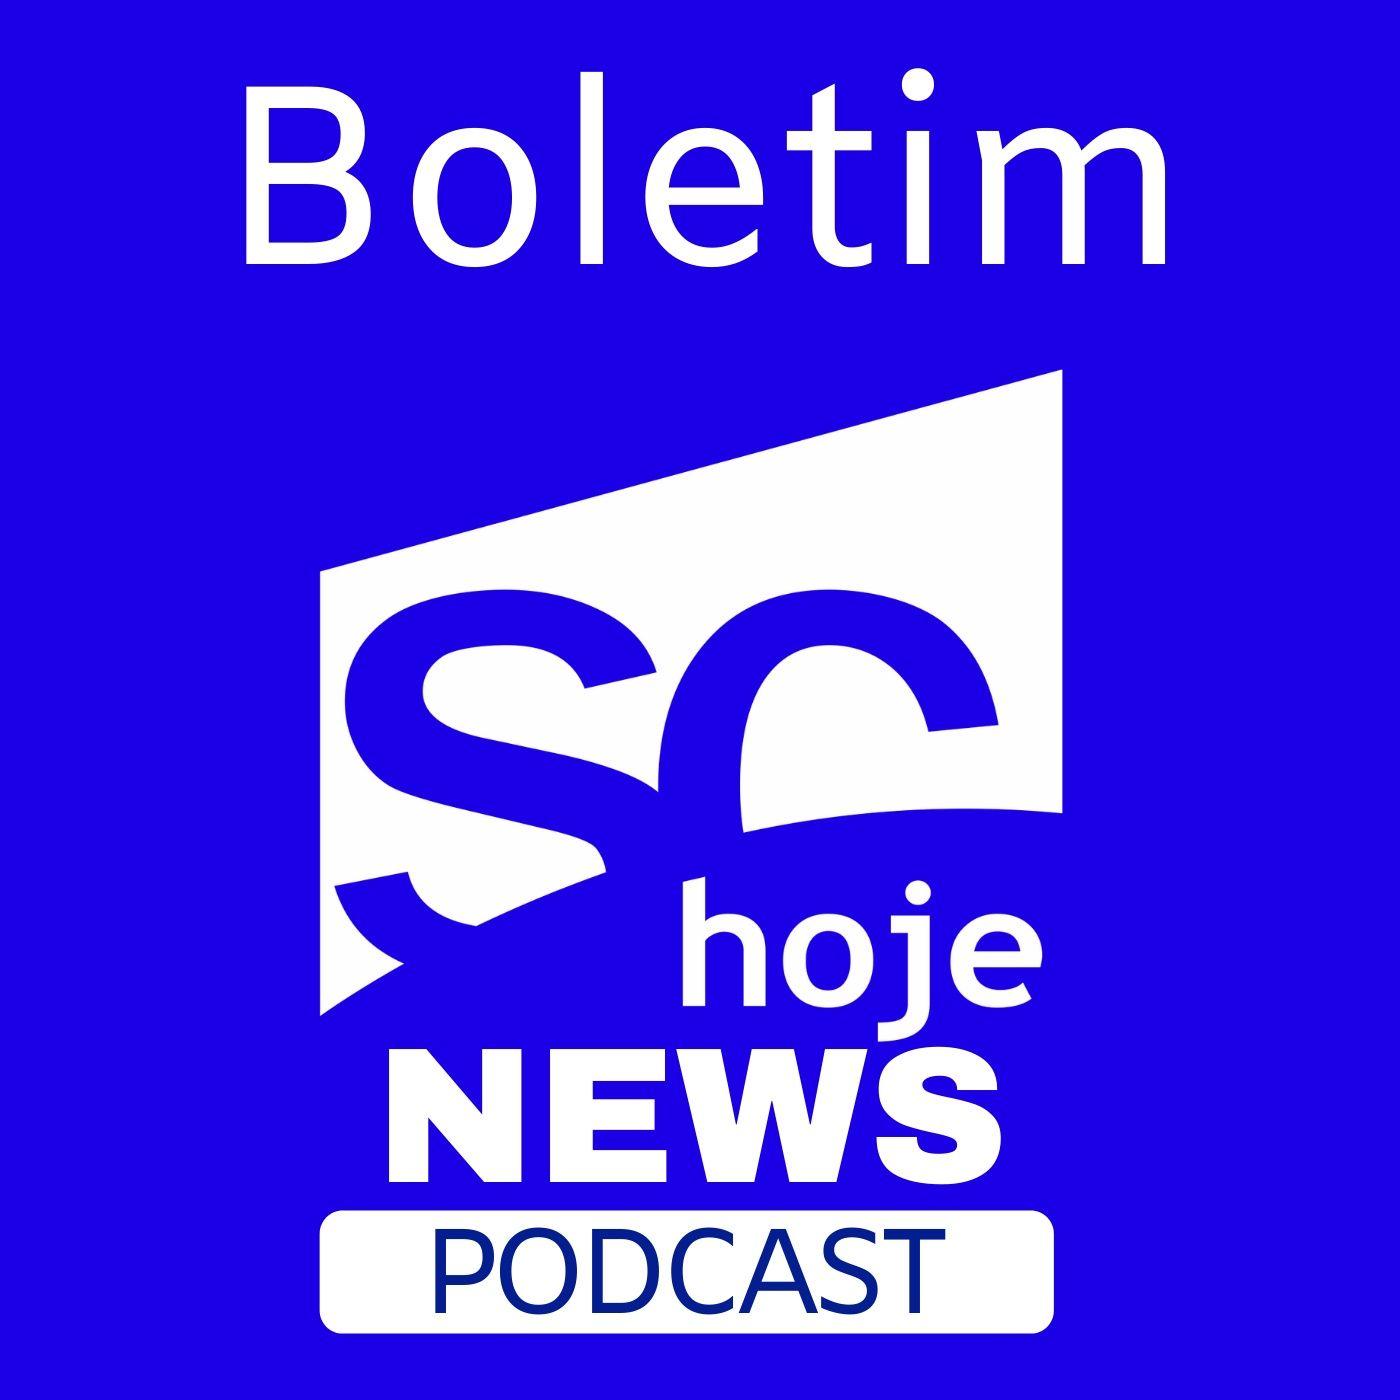 Boletim SC Hoje News